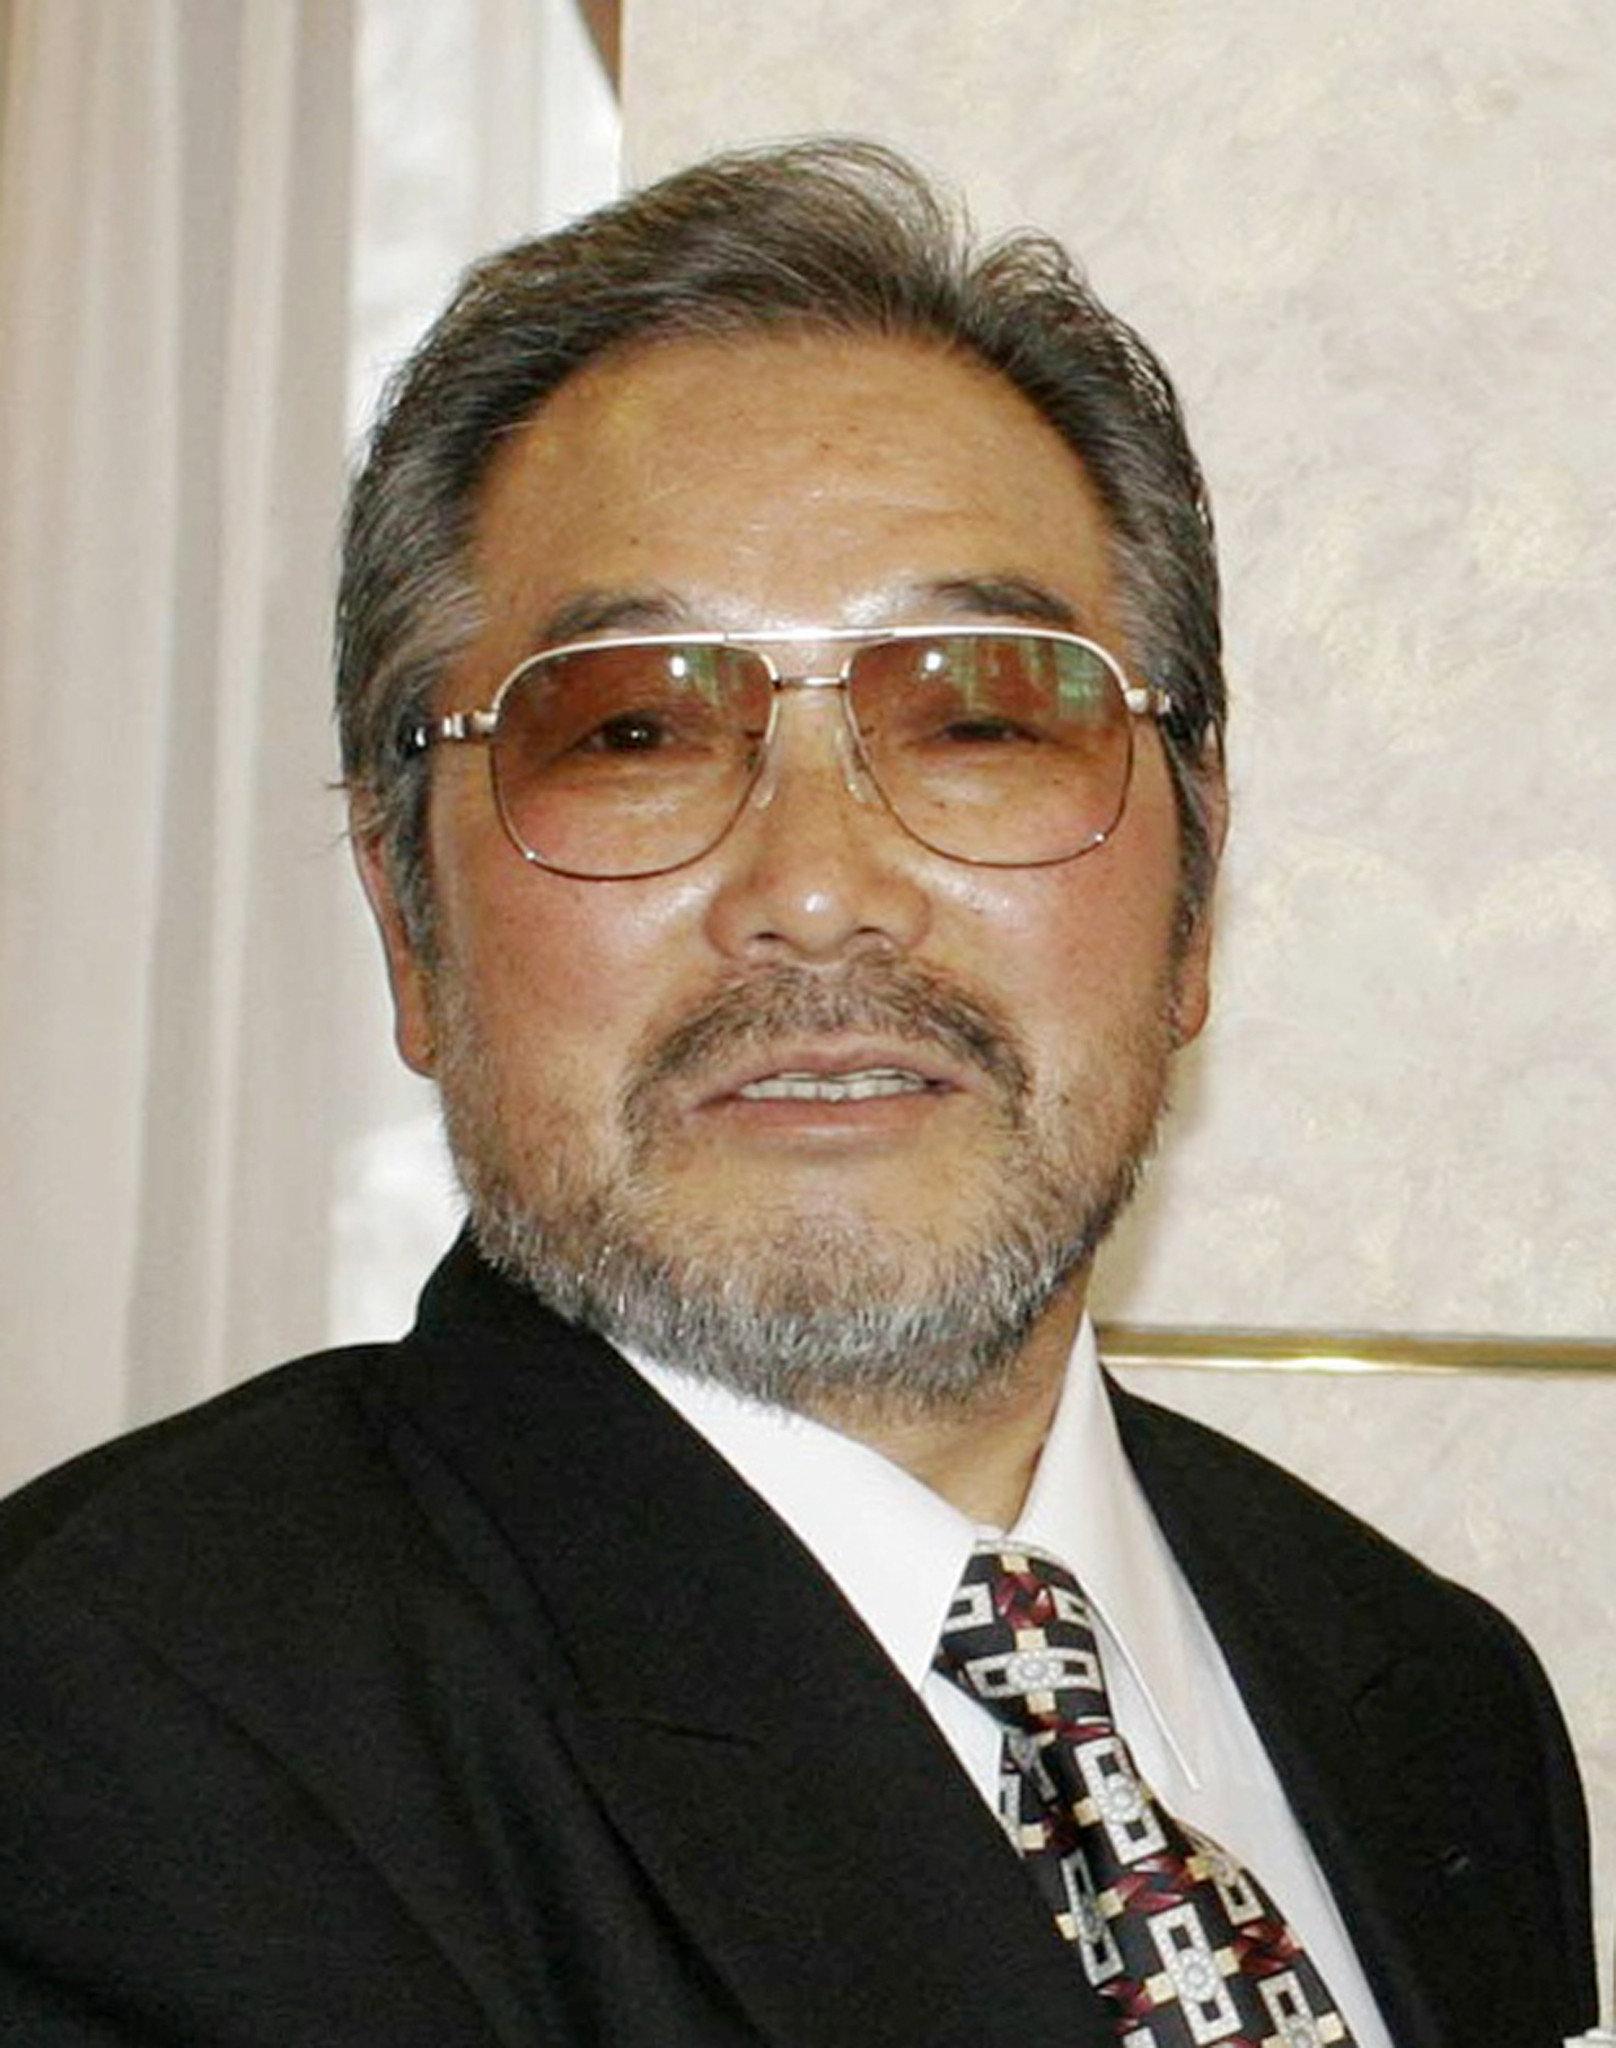 小出義雄さんが死去 高橋尚子さんを育てた陸上指導者